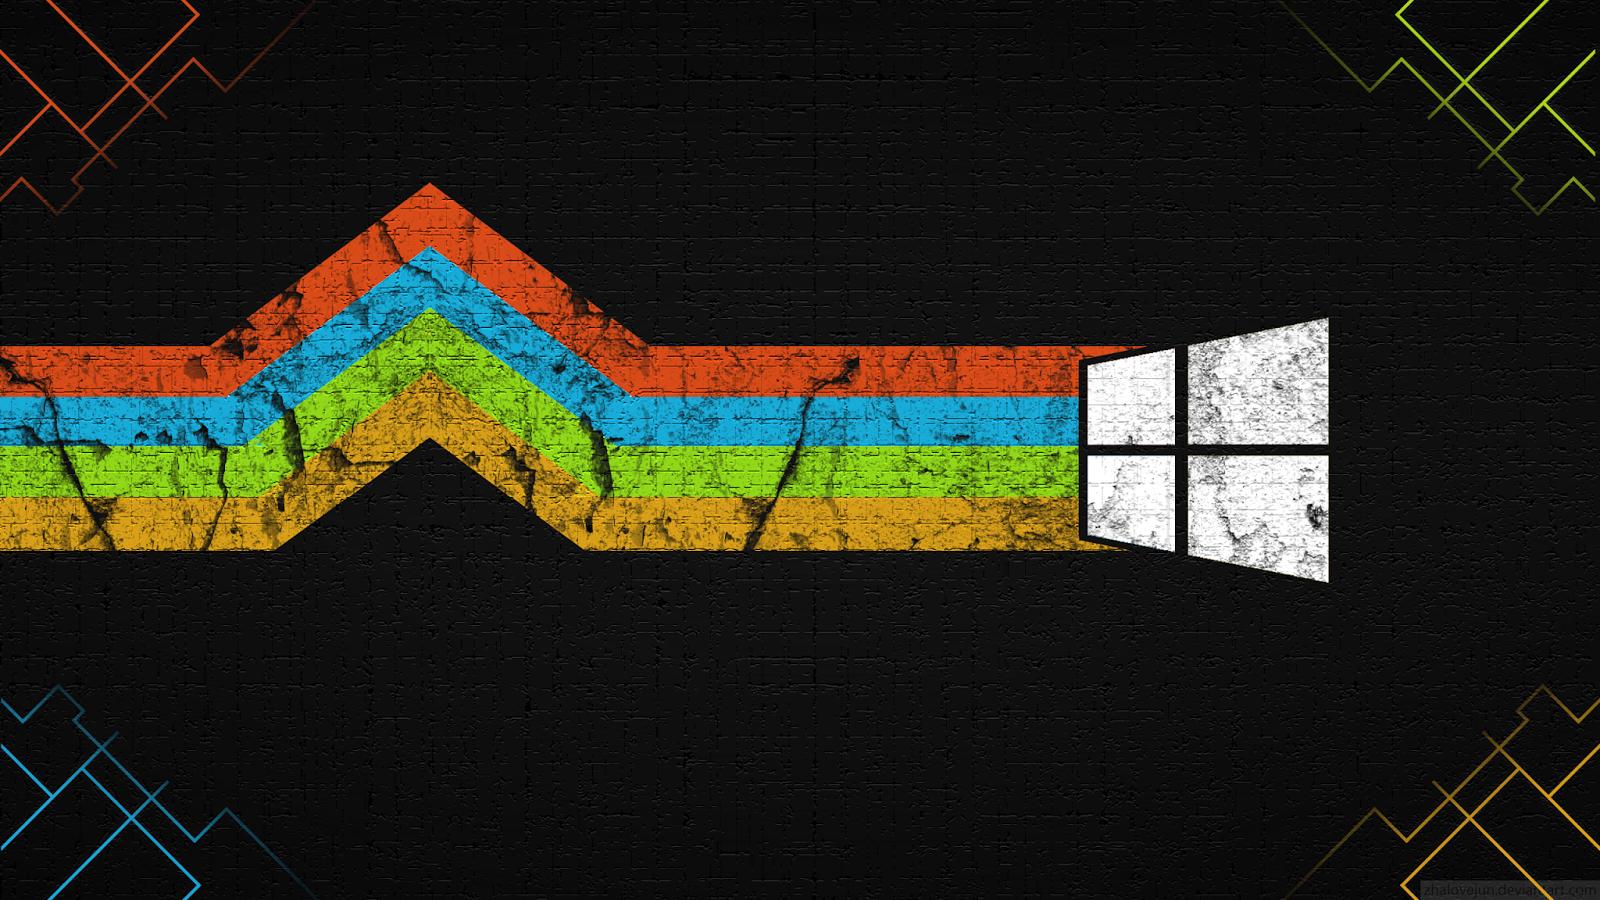 Windows 10 Için 20 En Iyi Masaüstü Arkaplanı Sekizbir